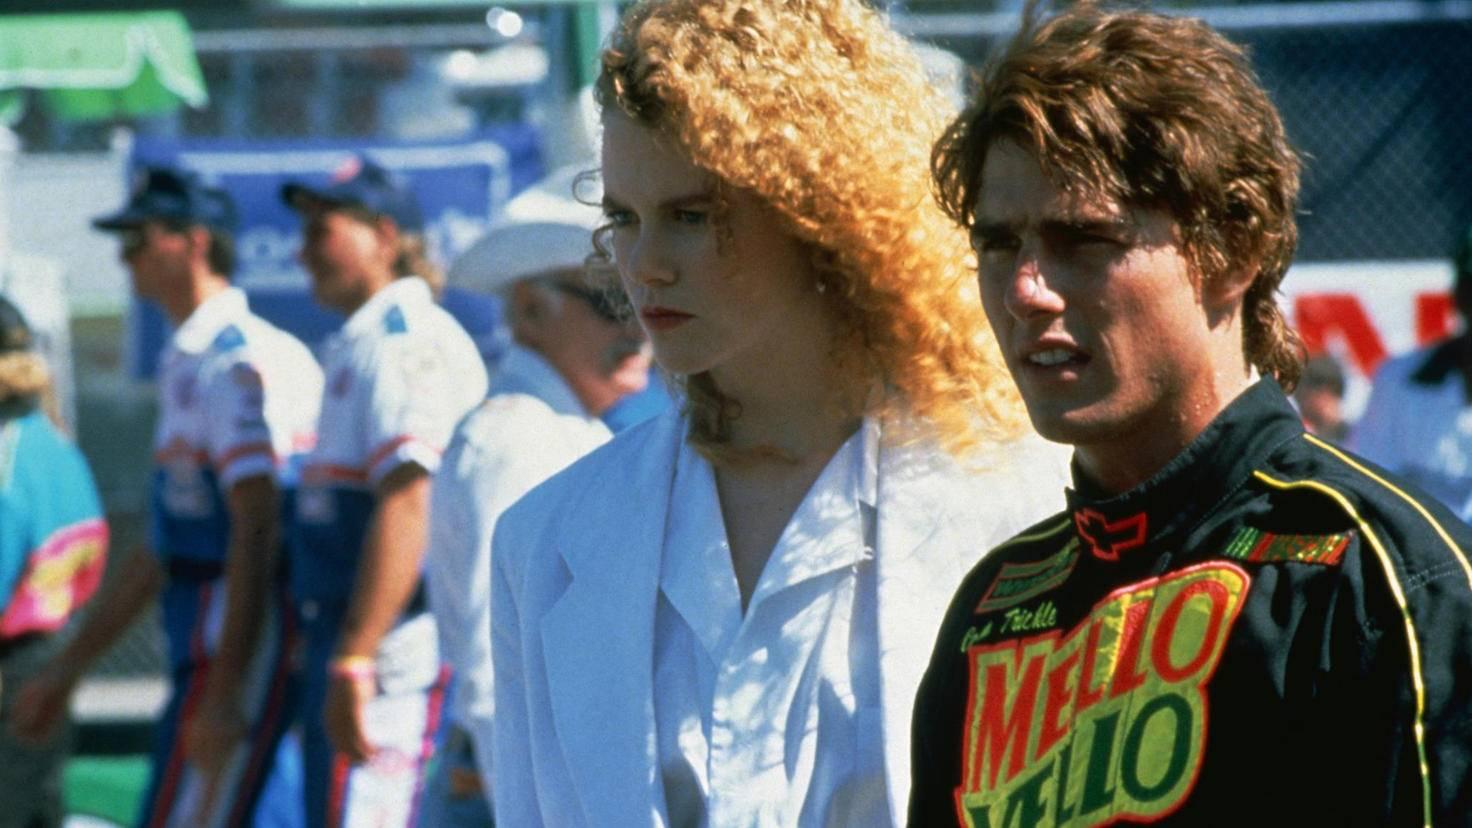 Die erste Begegnung zwischen Nicole Kidman und Tom Cruise soll peinlich gewesen sein.